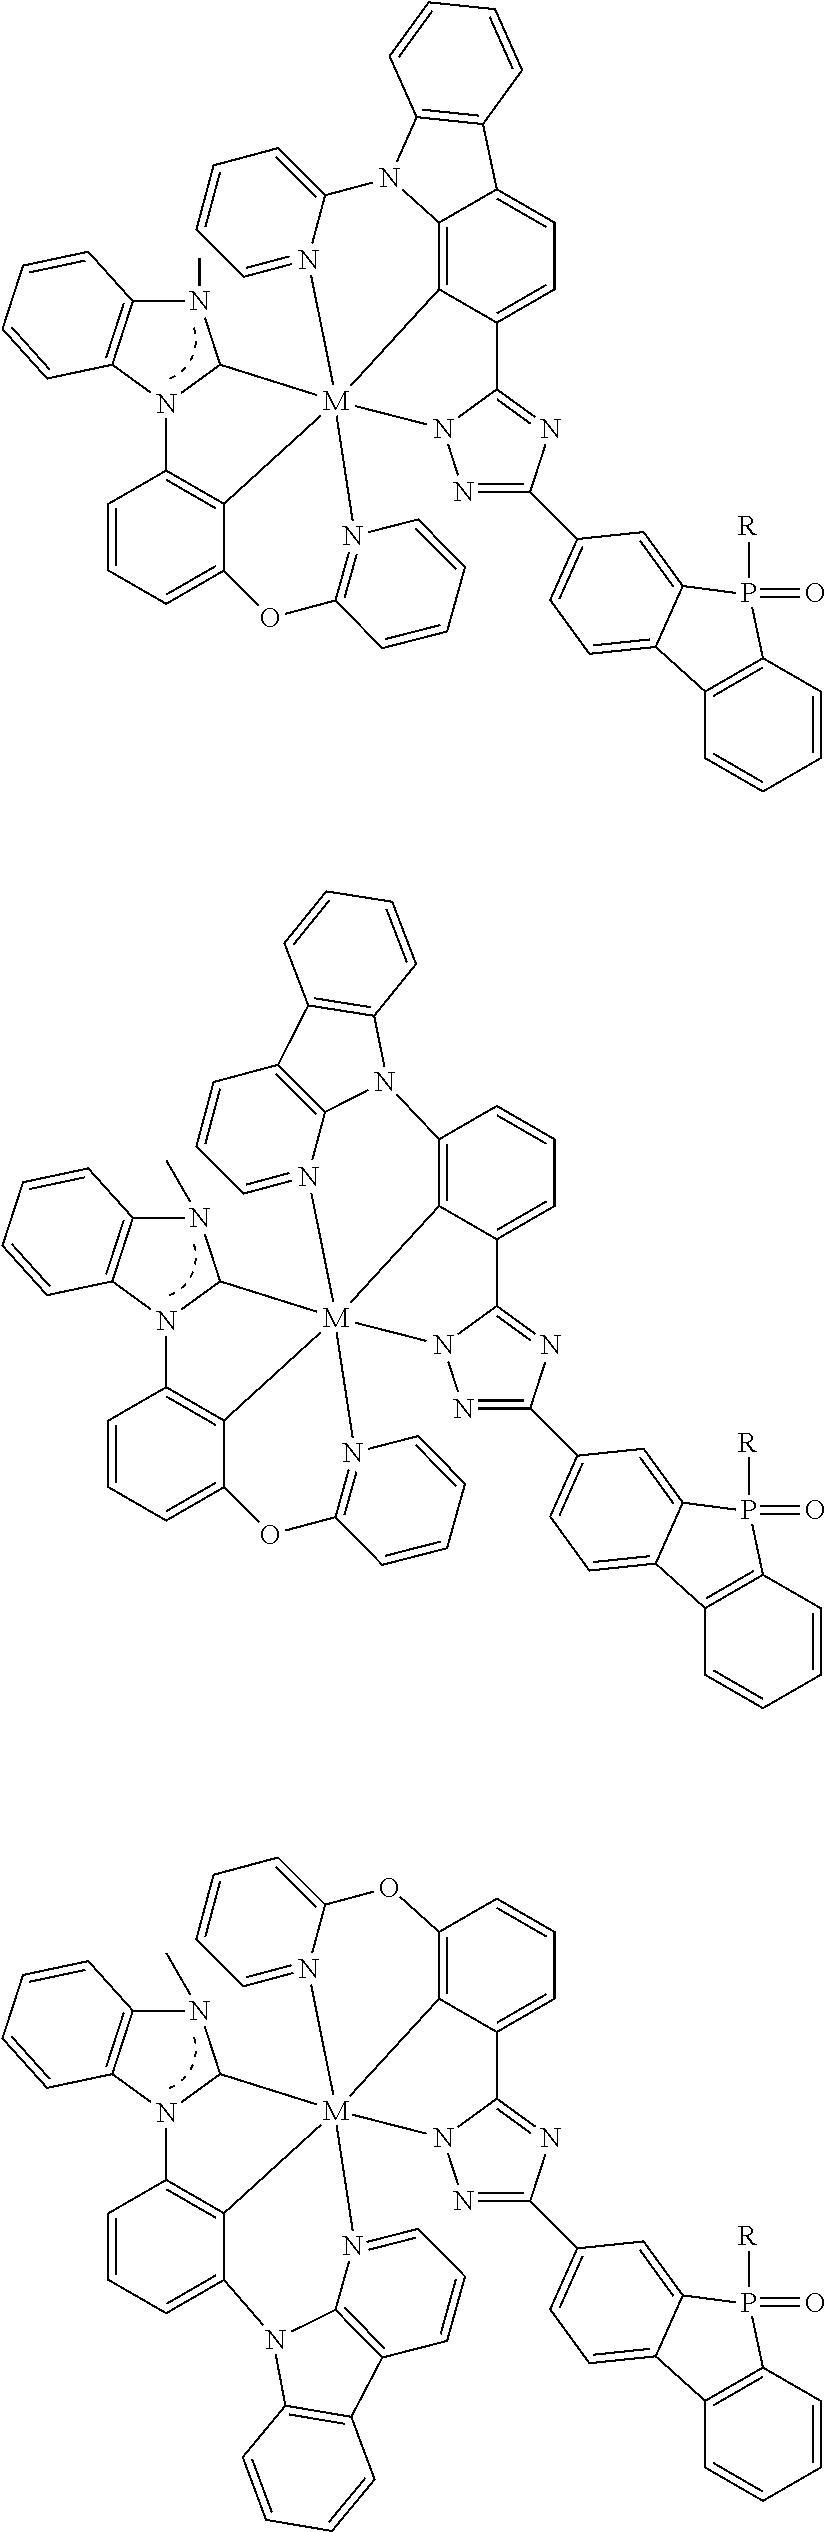 Figure US09818959-20171114-C00351